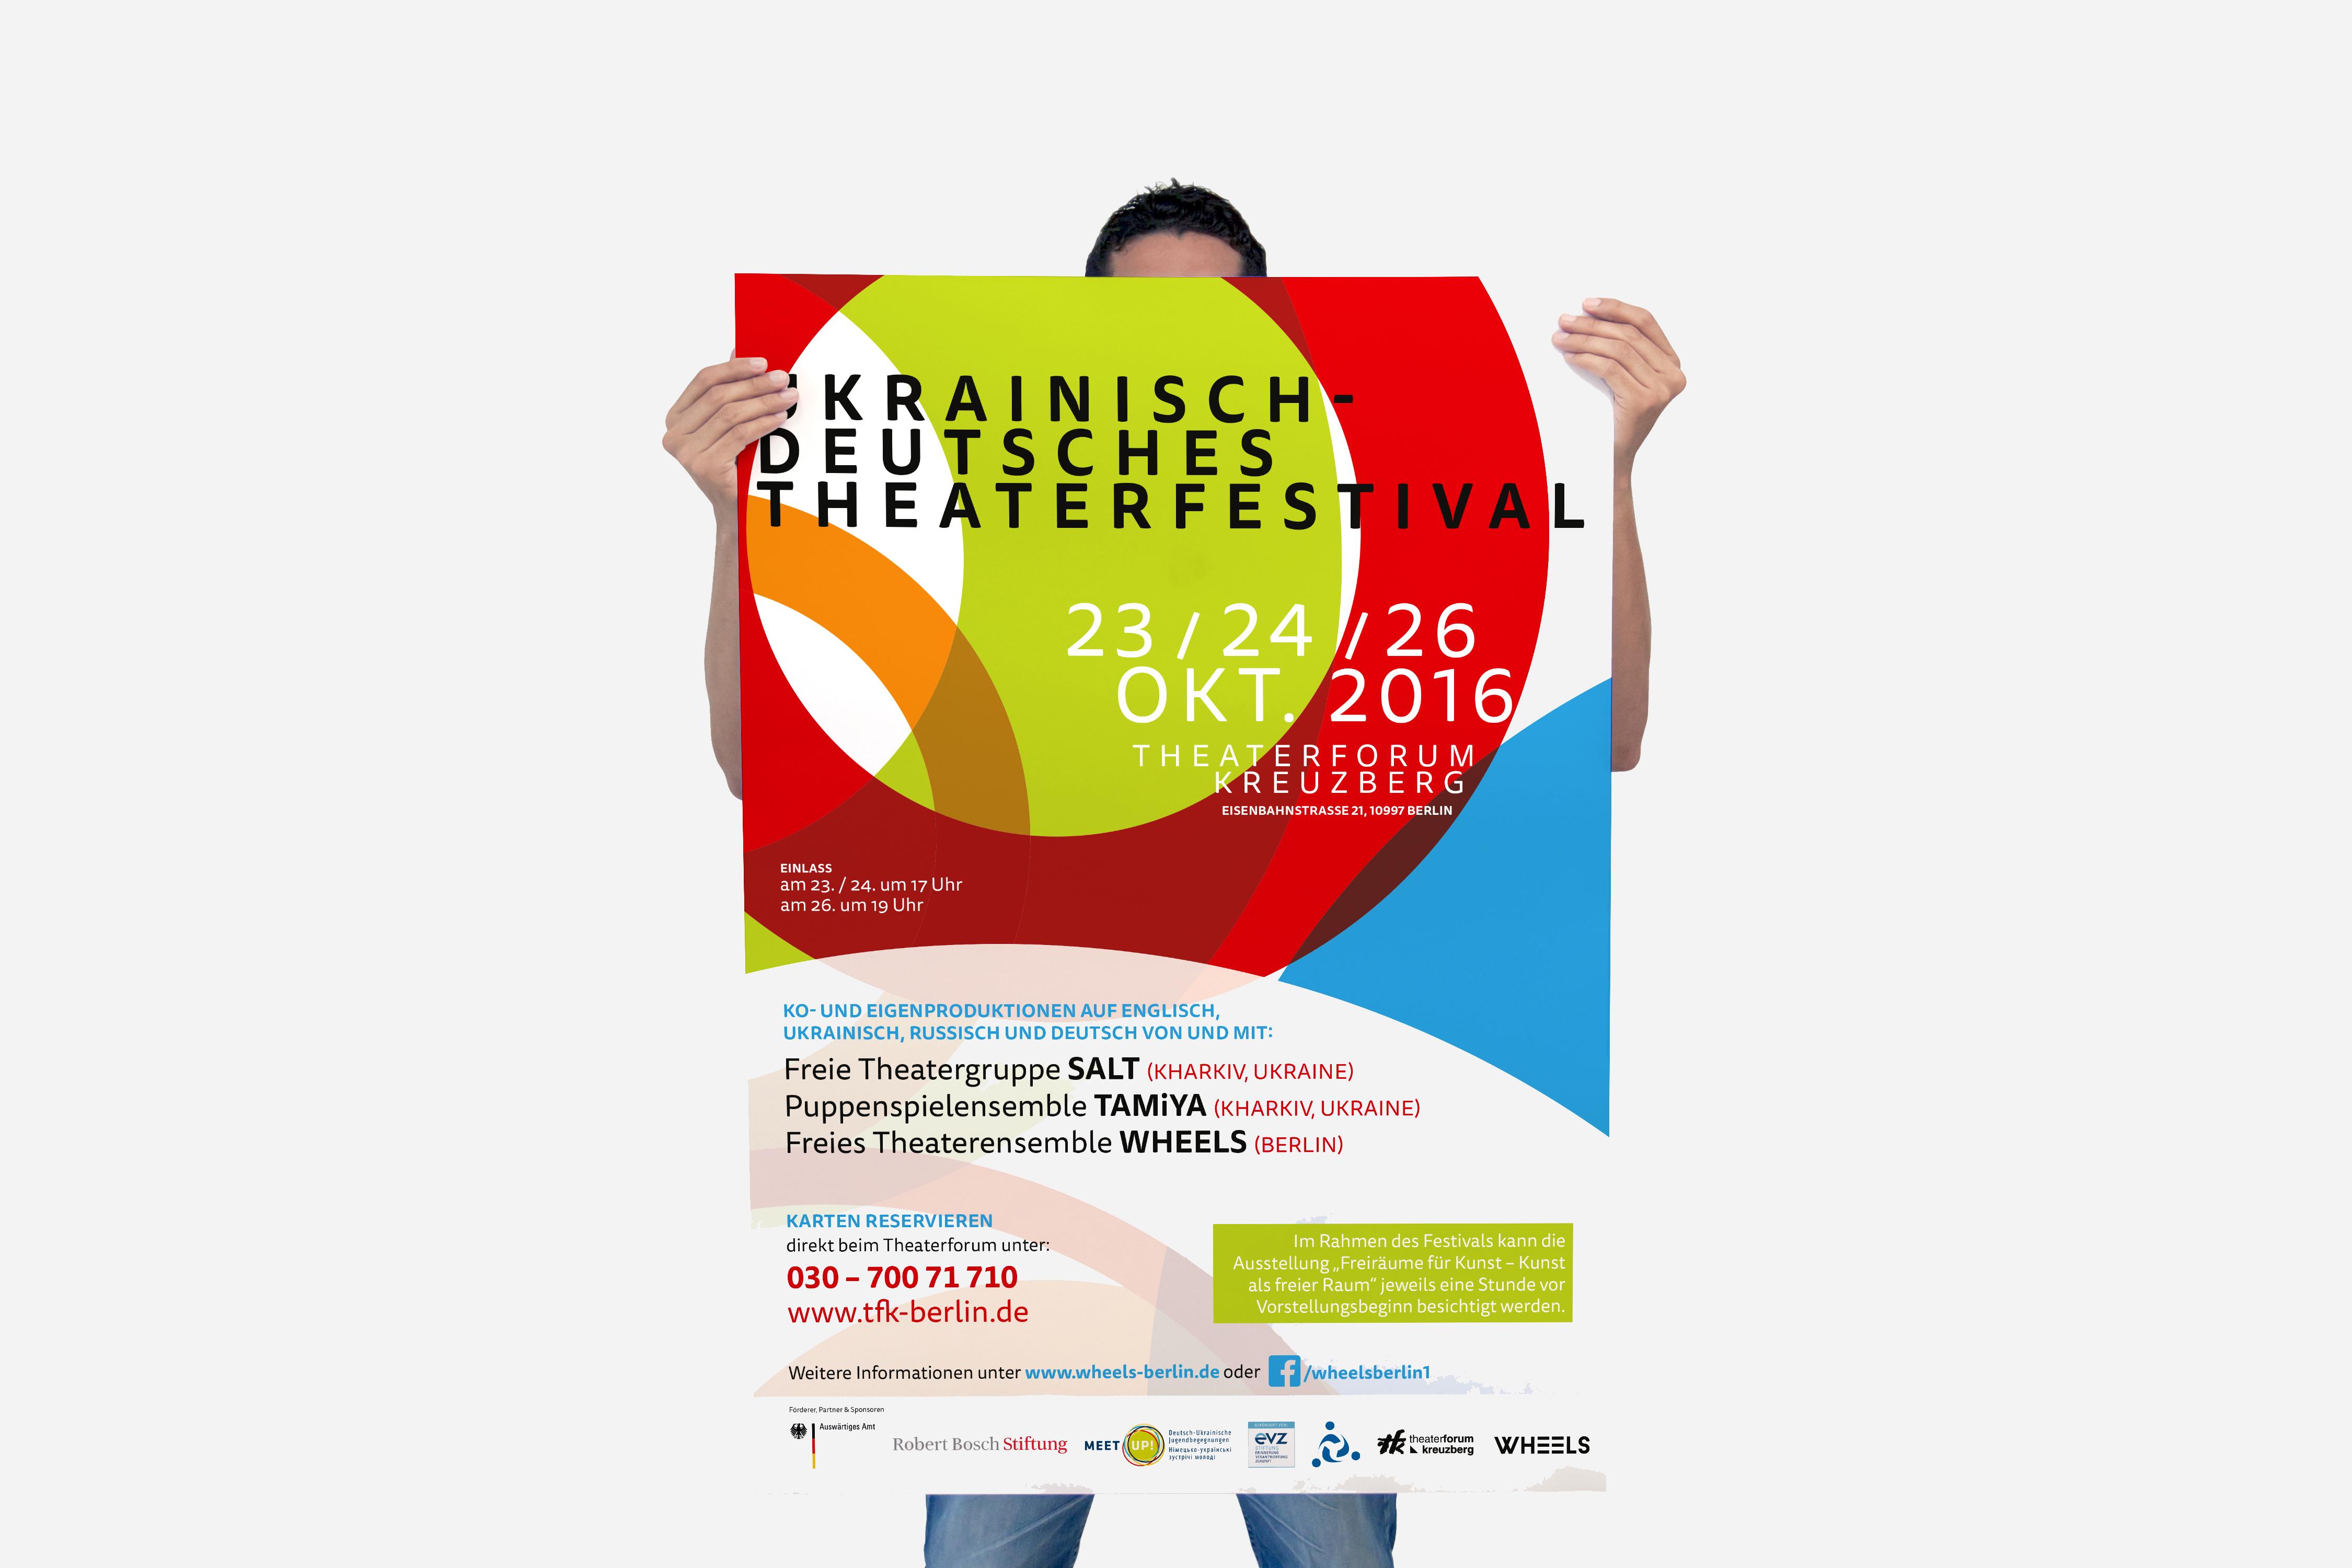 WHEELS-Festival-Branding-Posterdesign-deutsch-ungarisch